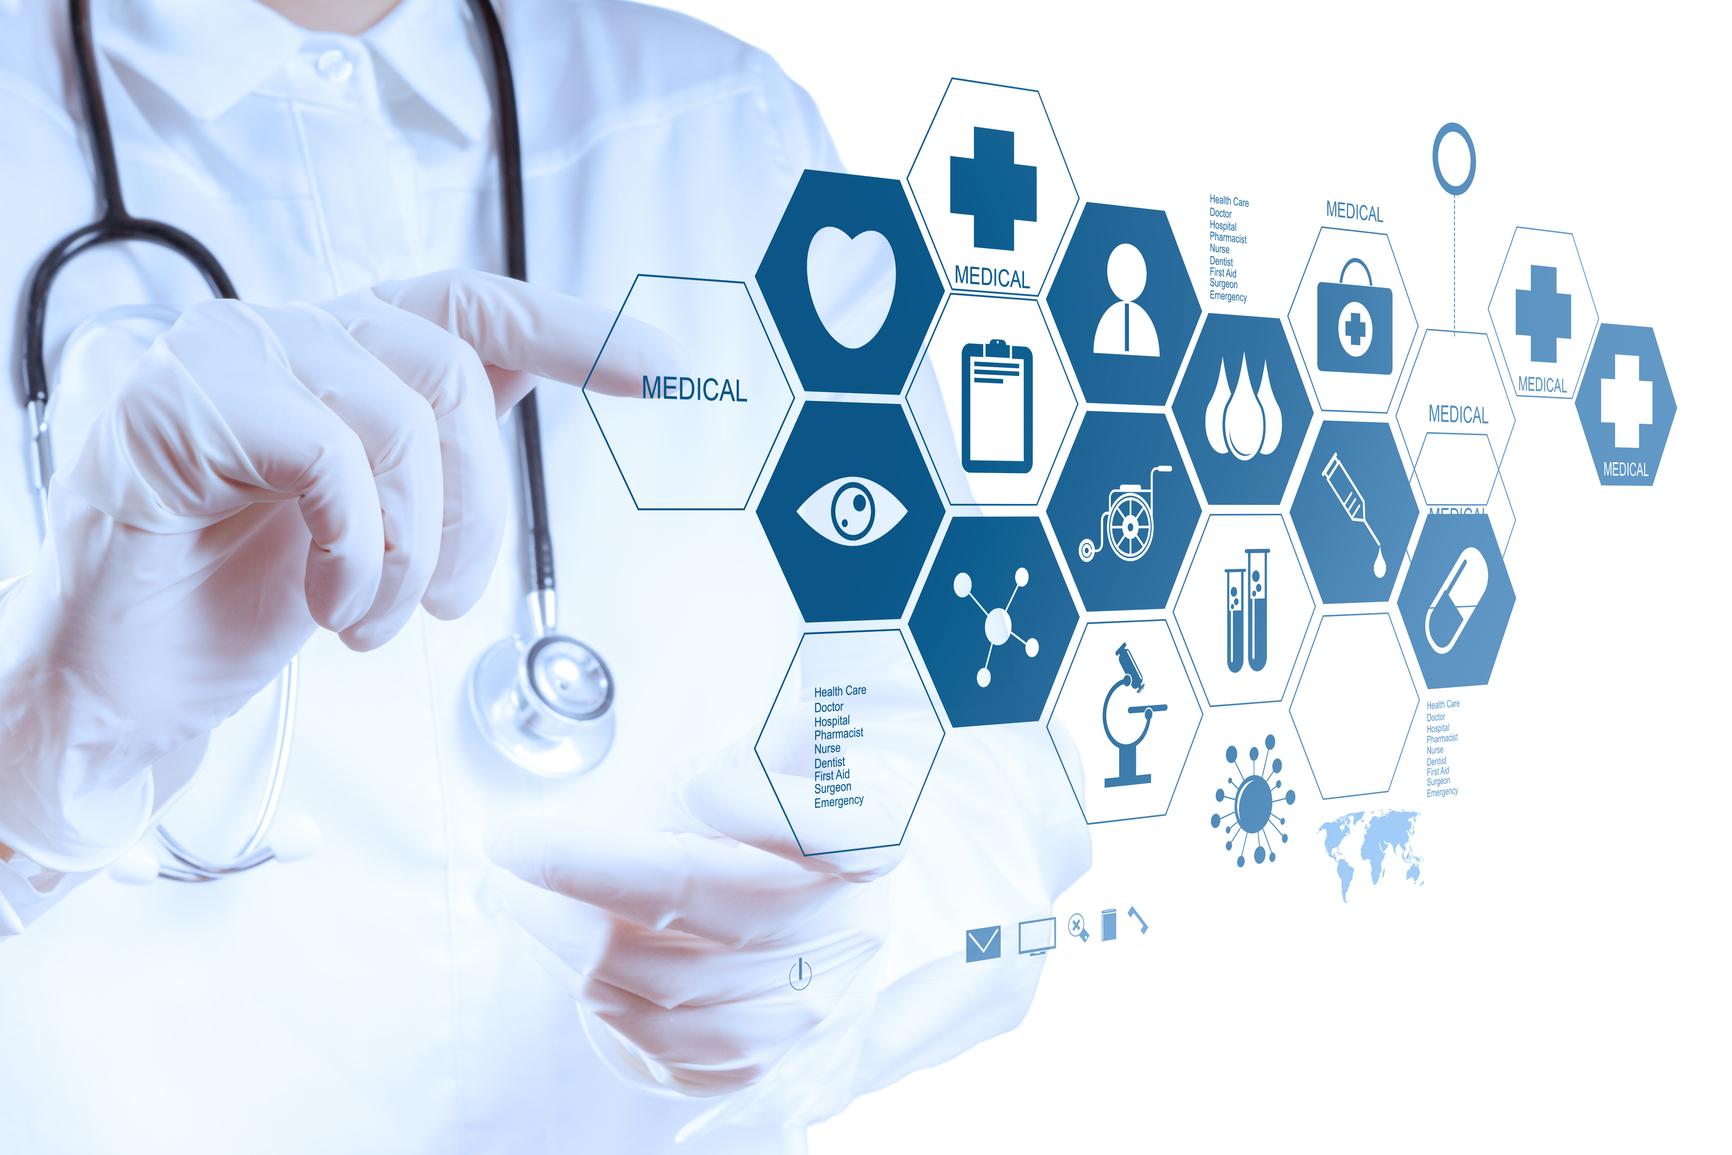 Deneysel Bilimler ve Tıp Hazırlık (Pre-Medical Program olarak verilmektedir.) - Genel TıpDiş HekimliğiEczacılıkVeterinerlikFizyoterapiHemşirelik